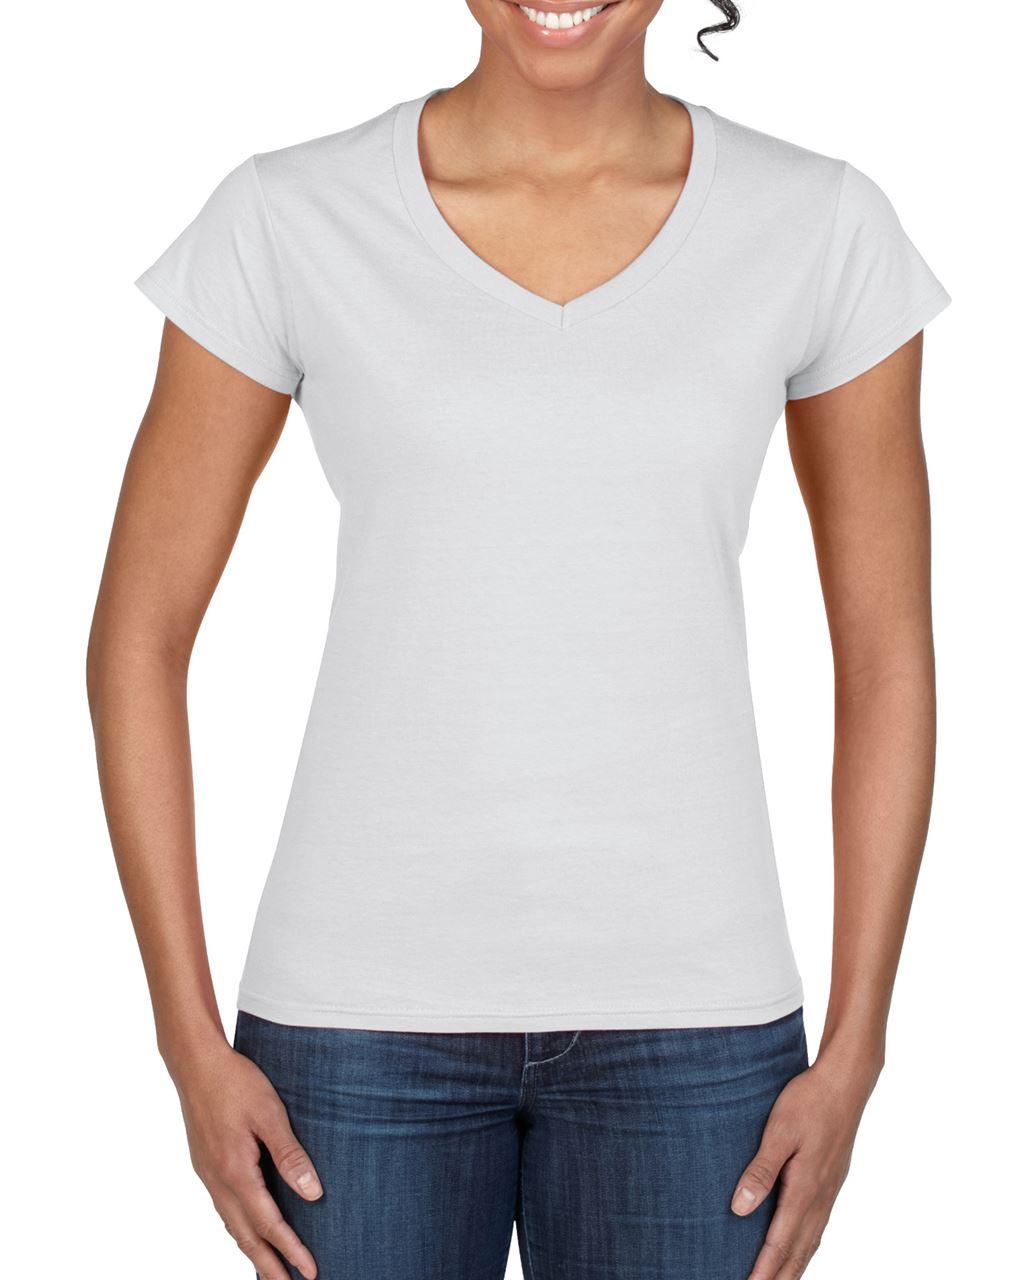 269458782e Gildan GIL64V00 női V-nyakú pamut póló - Fehér